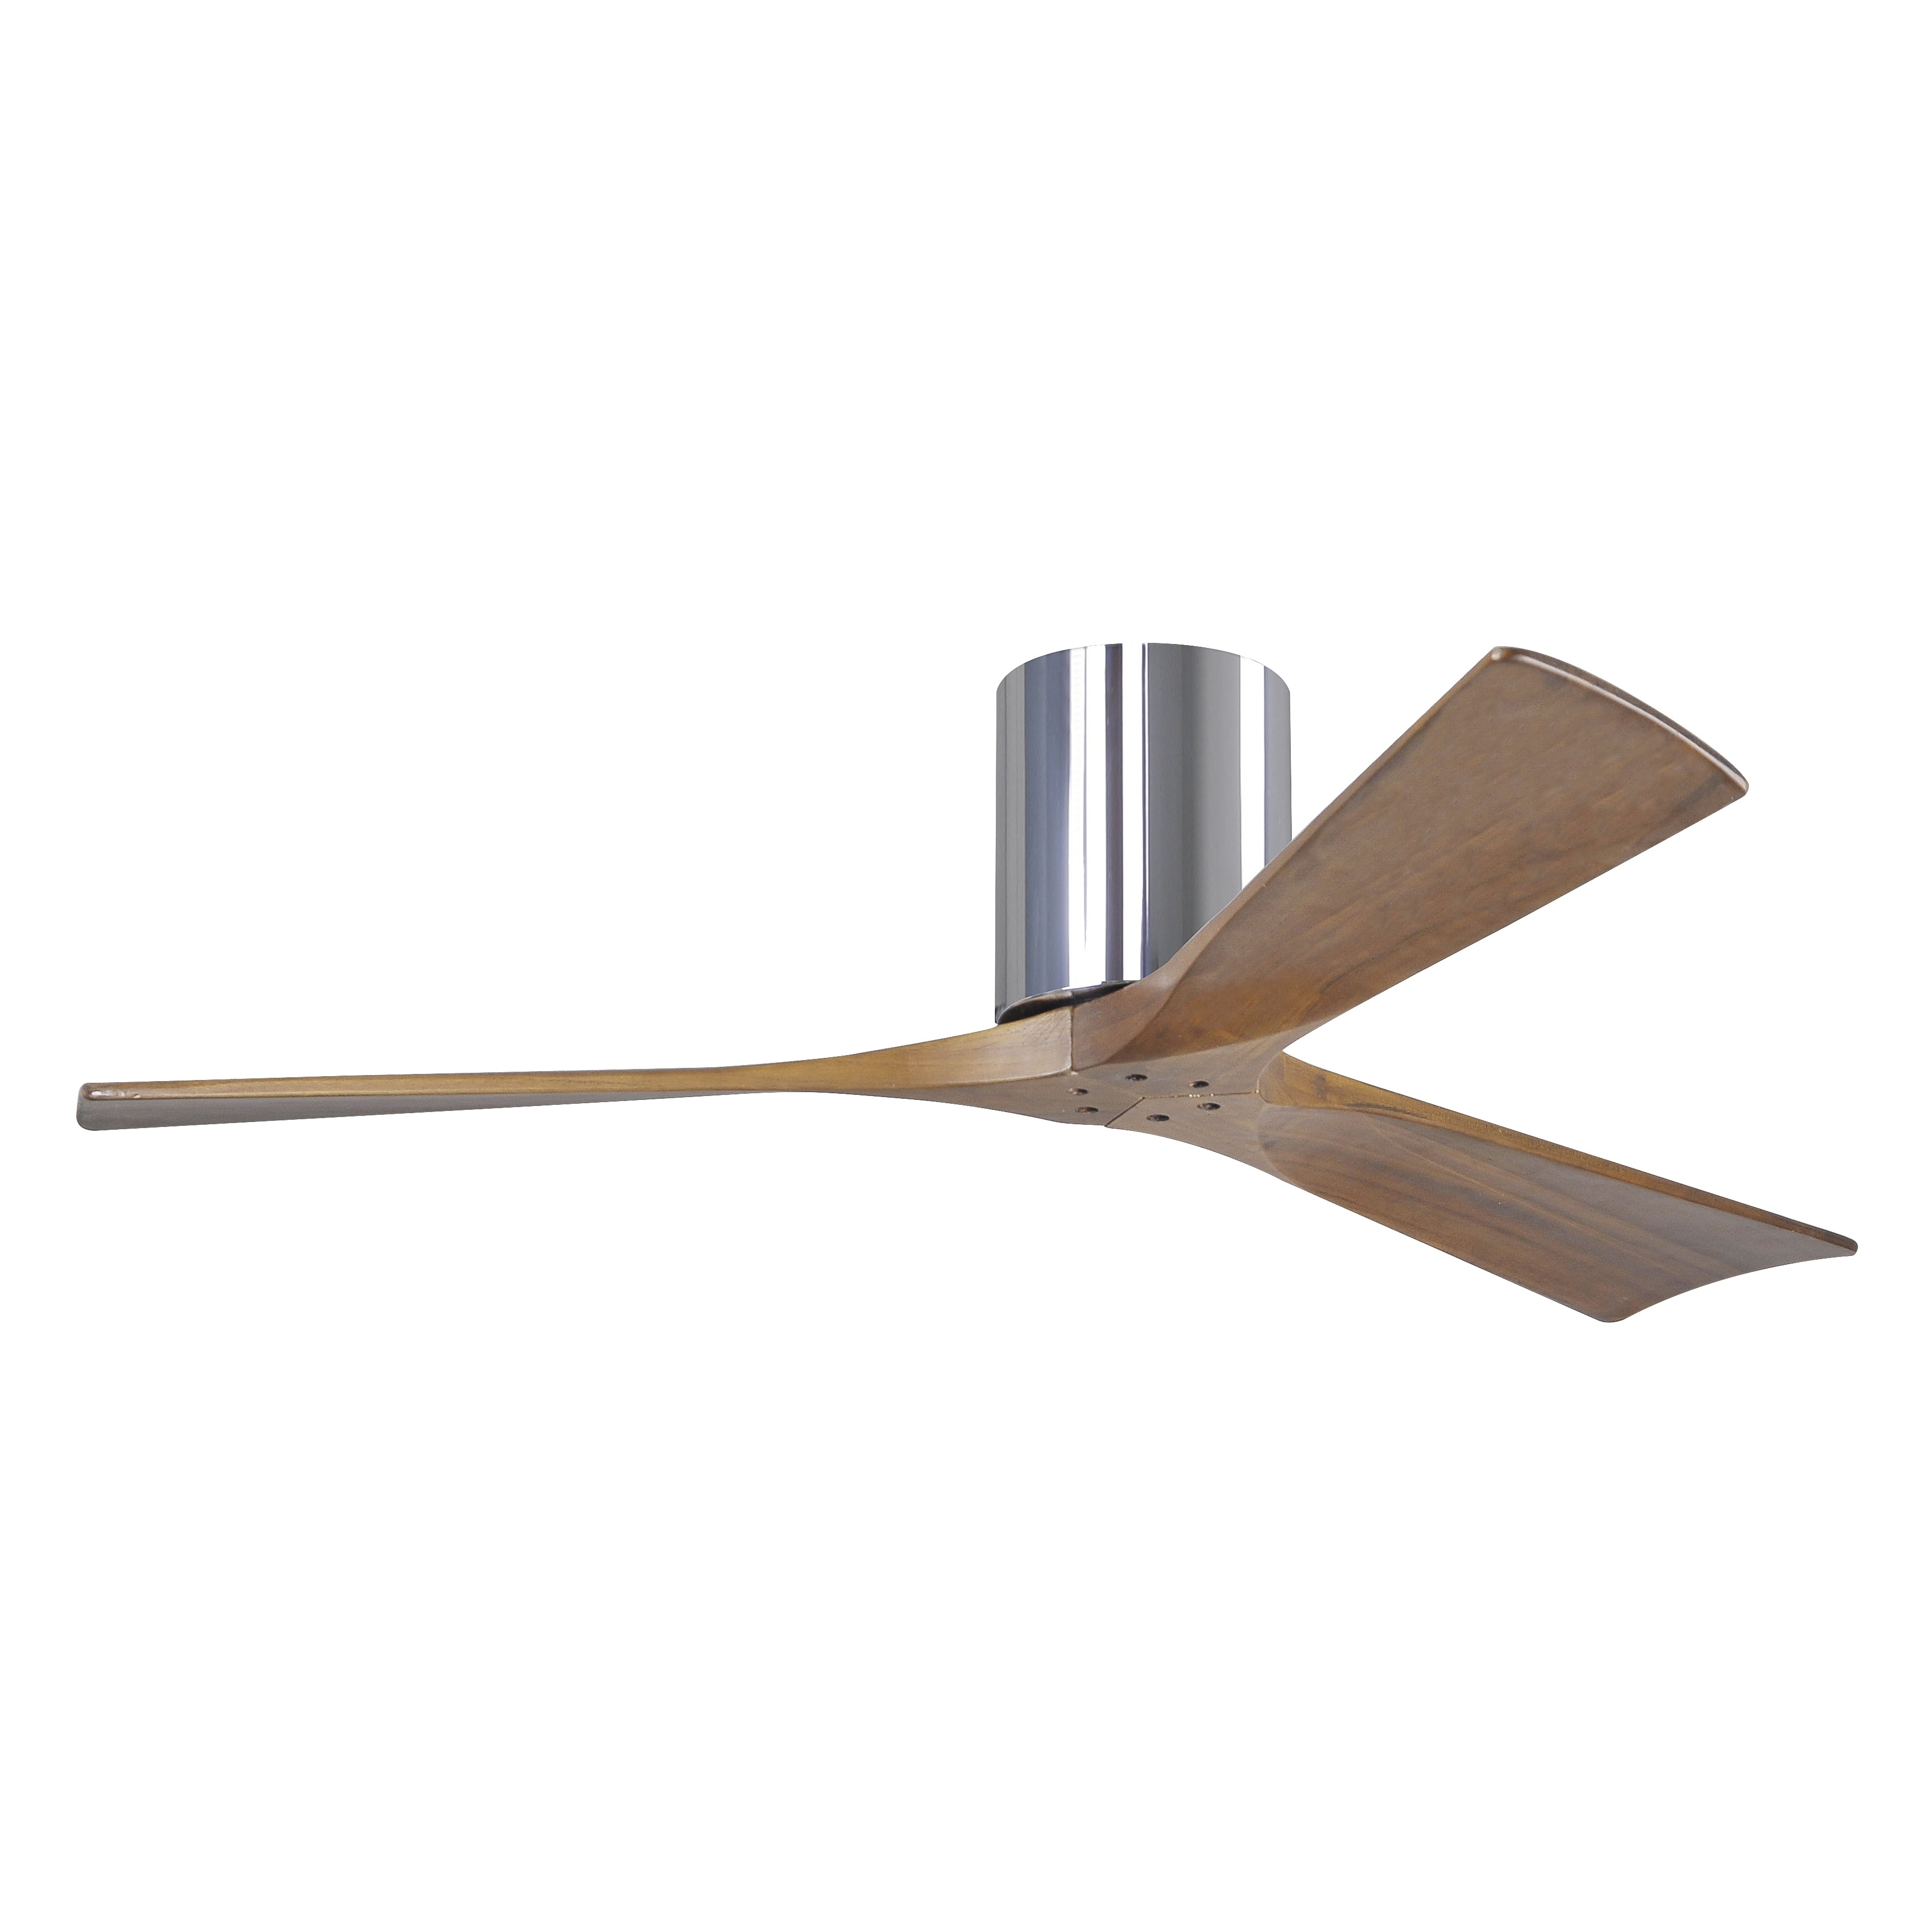 matthews fan company irene 3 hugger 52 inch 3 blade ceiling fan